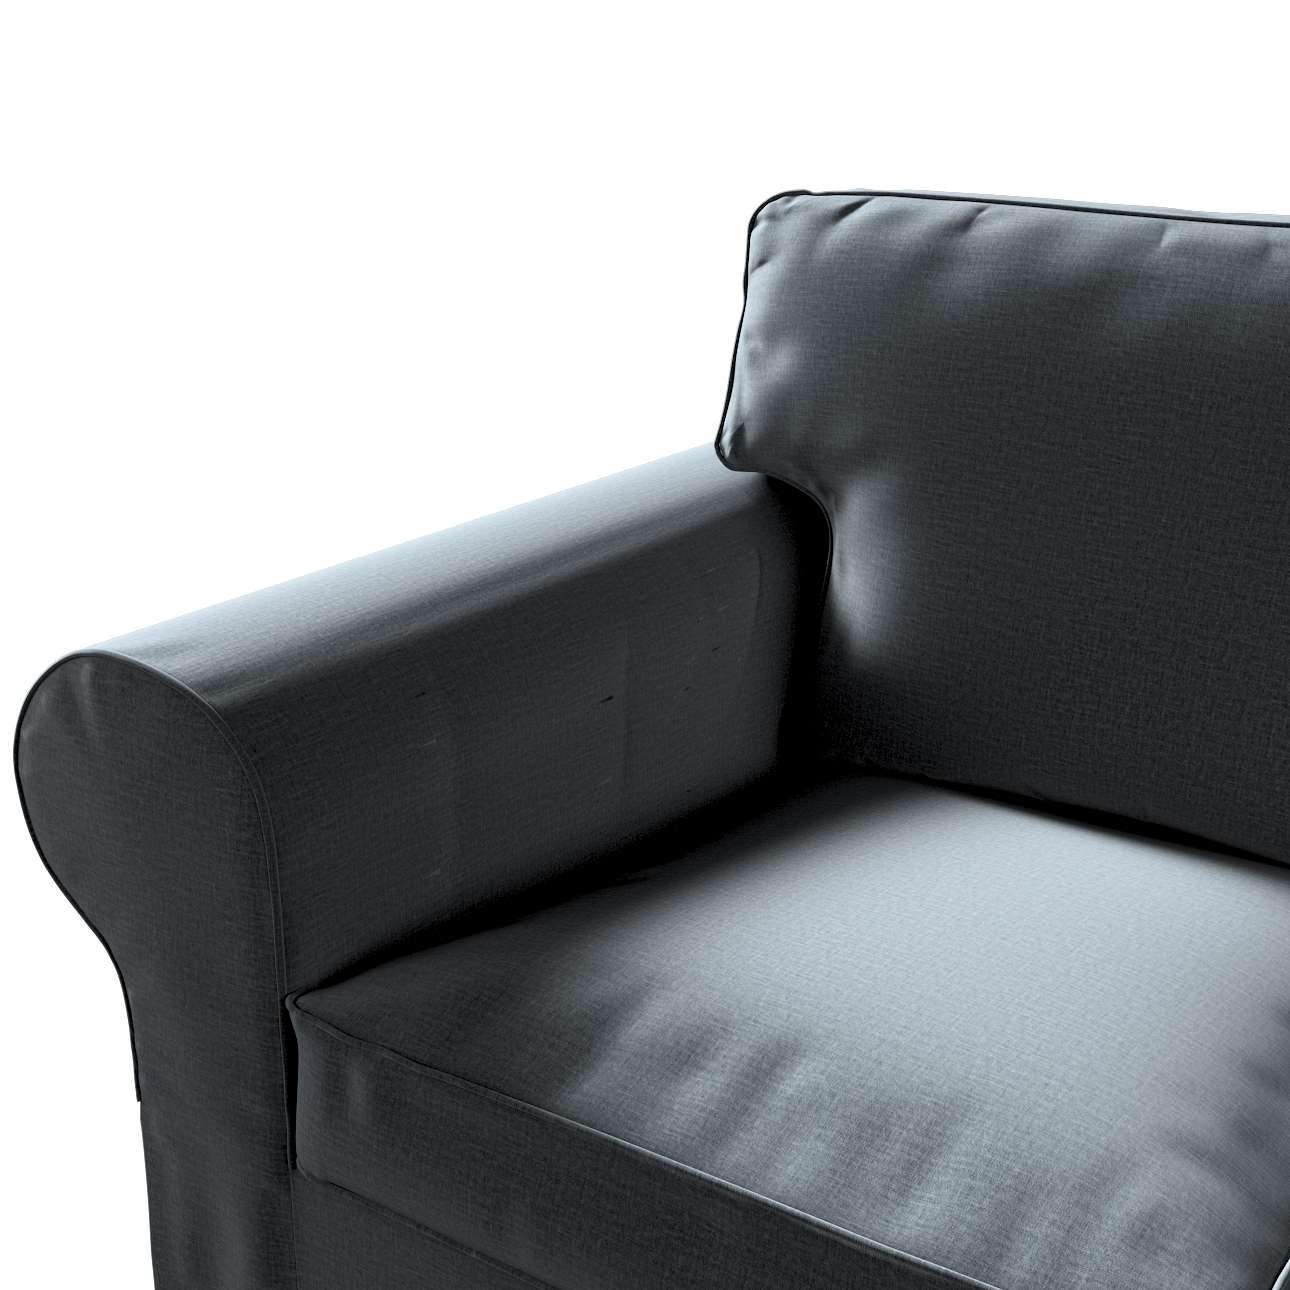 Pokrowiec na sofę Ektorp 3-osobową, rozkładaną w kolekcji Ingrid, tkanina: 705-43